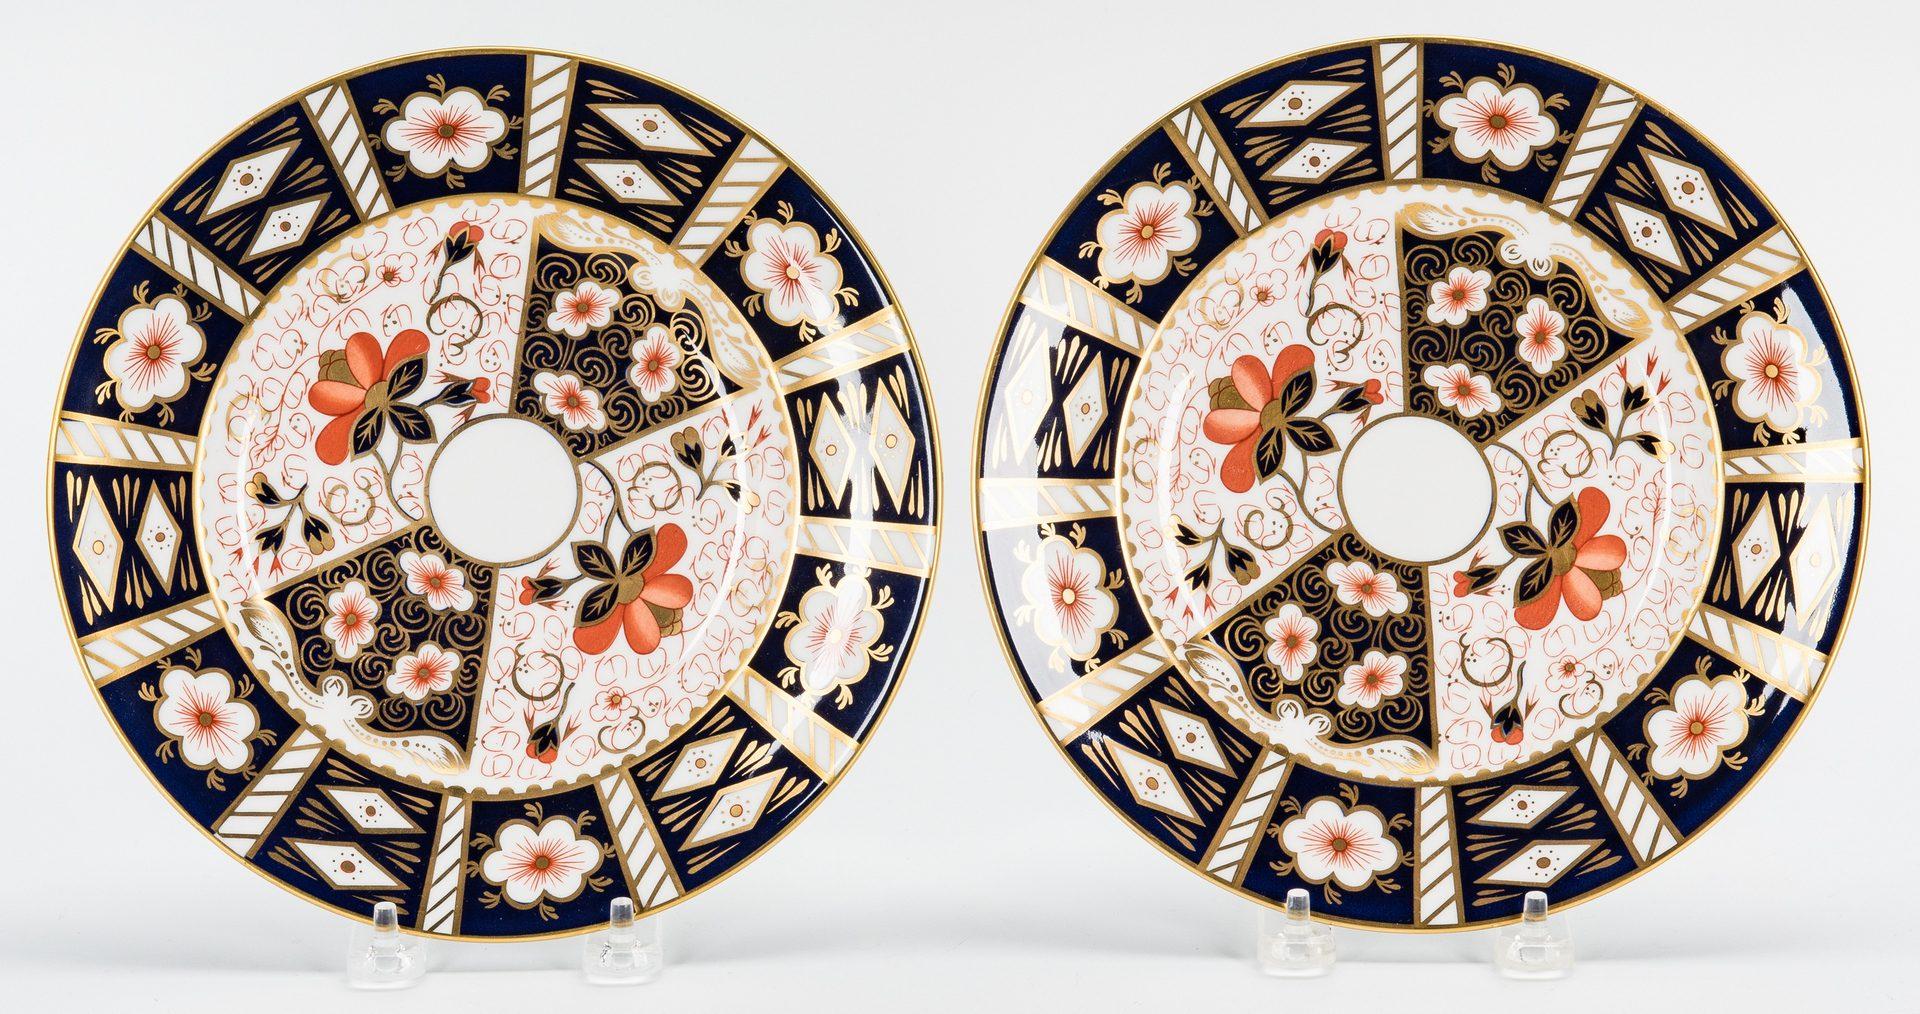 Lot 485: 33 Pcs. Royal Crown Derby Imari Porcelain Dinnerware